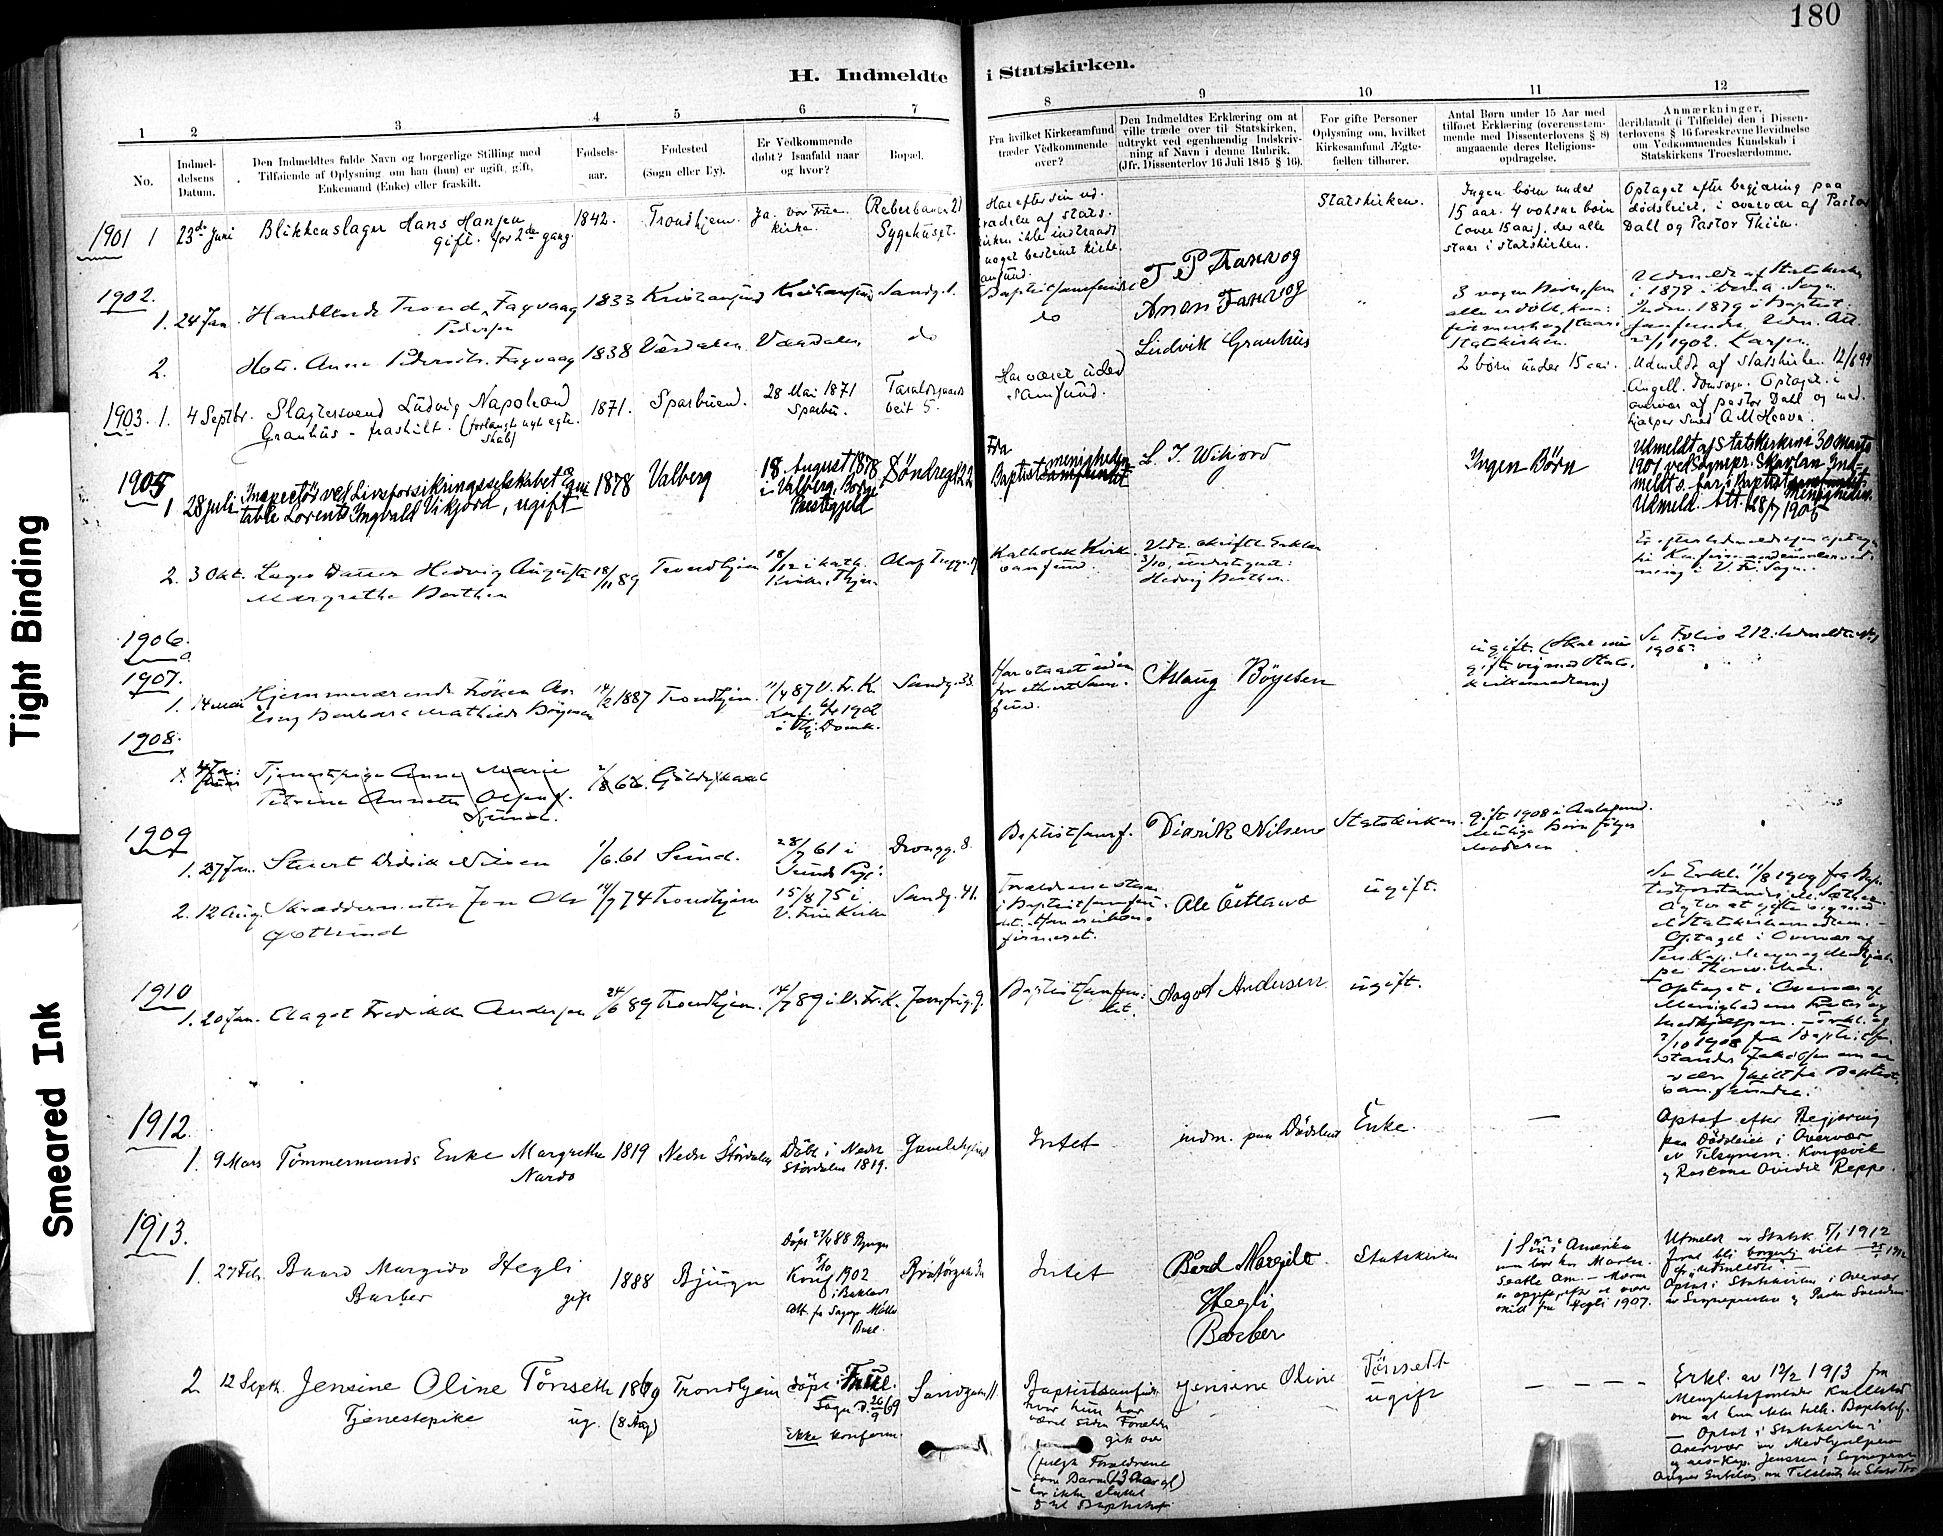 SAT, Ministerialprotokoller, klokkerbøker og fødselsregistre - Sør-Trøndelag, 602/L0120: Ministerialbok nr. 602A18, 1880-1913, s. 180